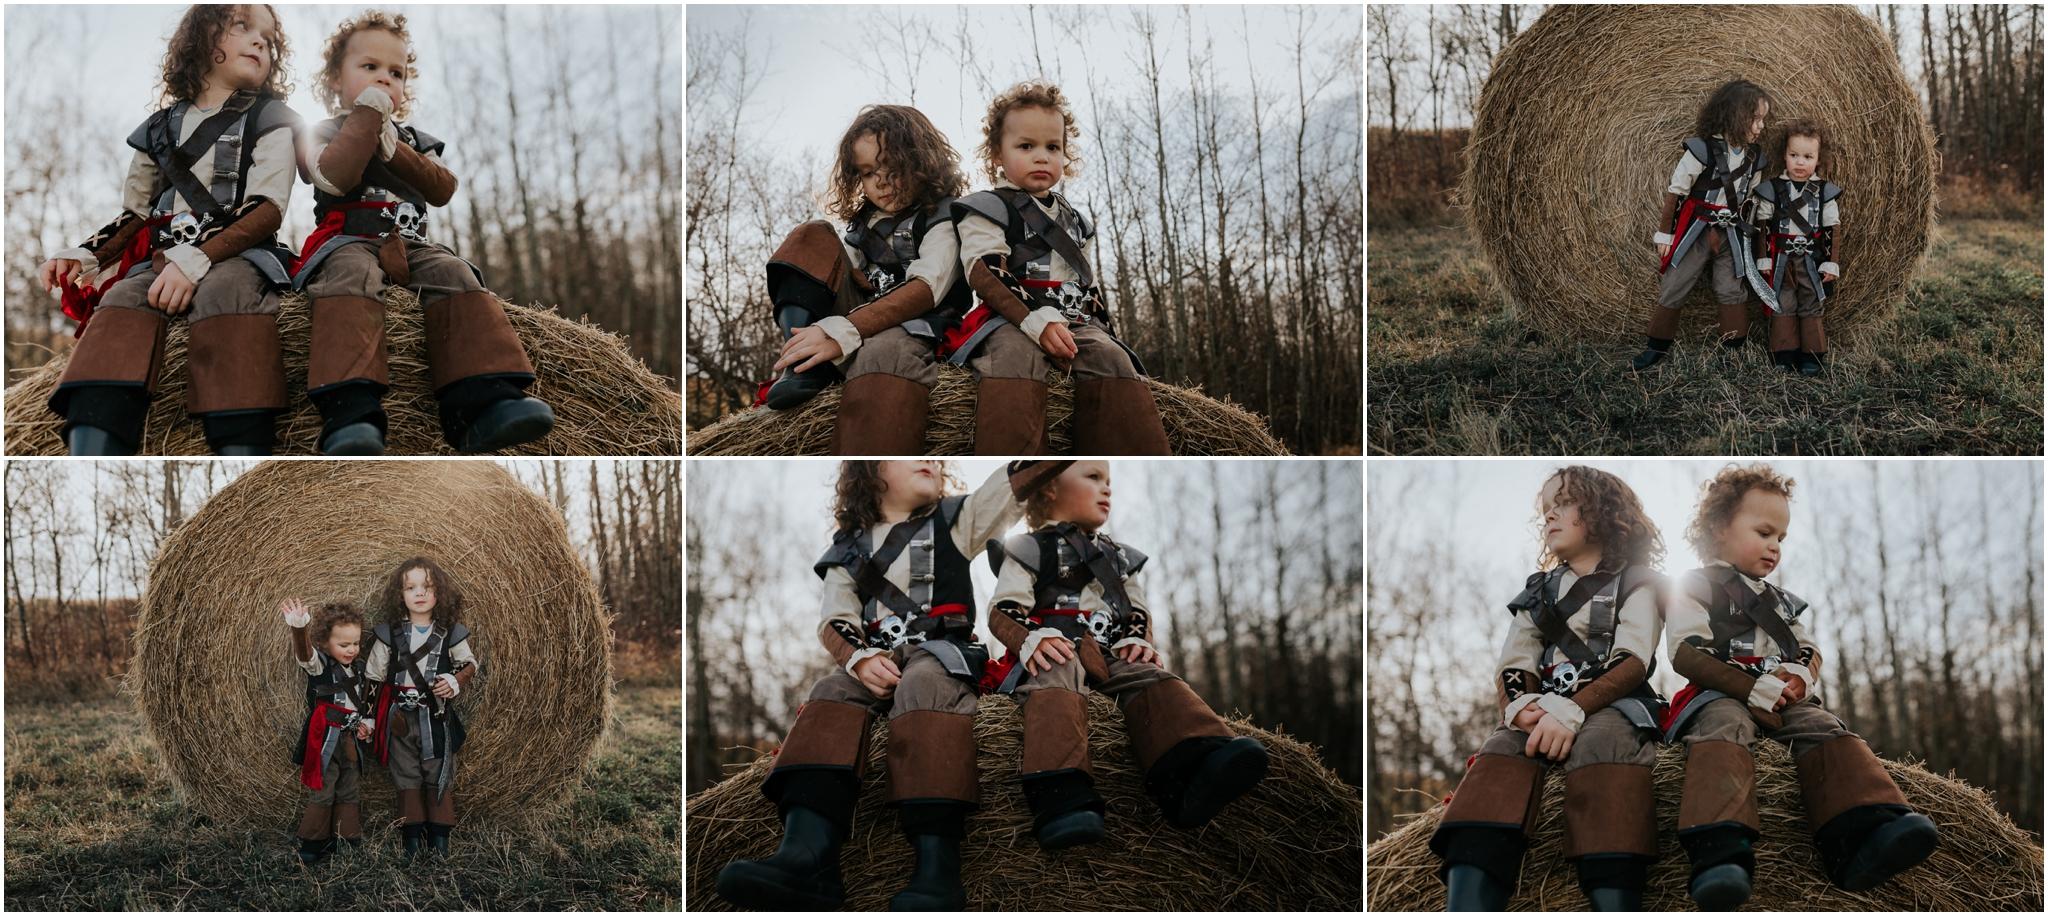 Edmonton Family Photographer - Hay Bales - Farmland Alberta Prairies